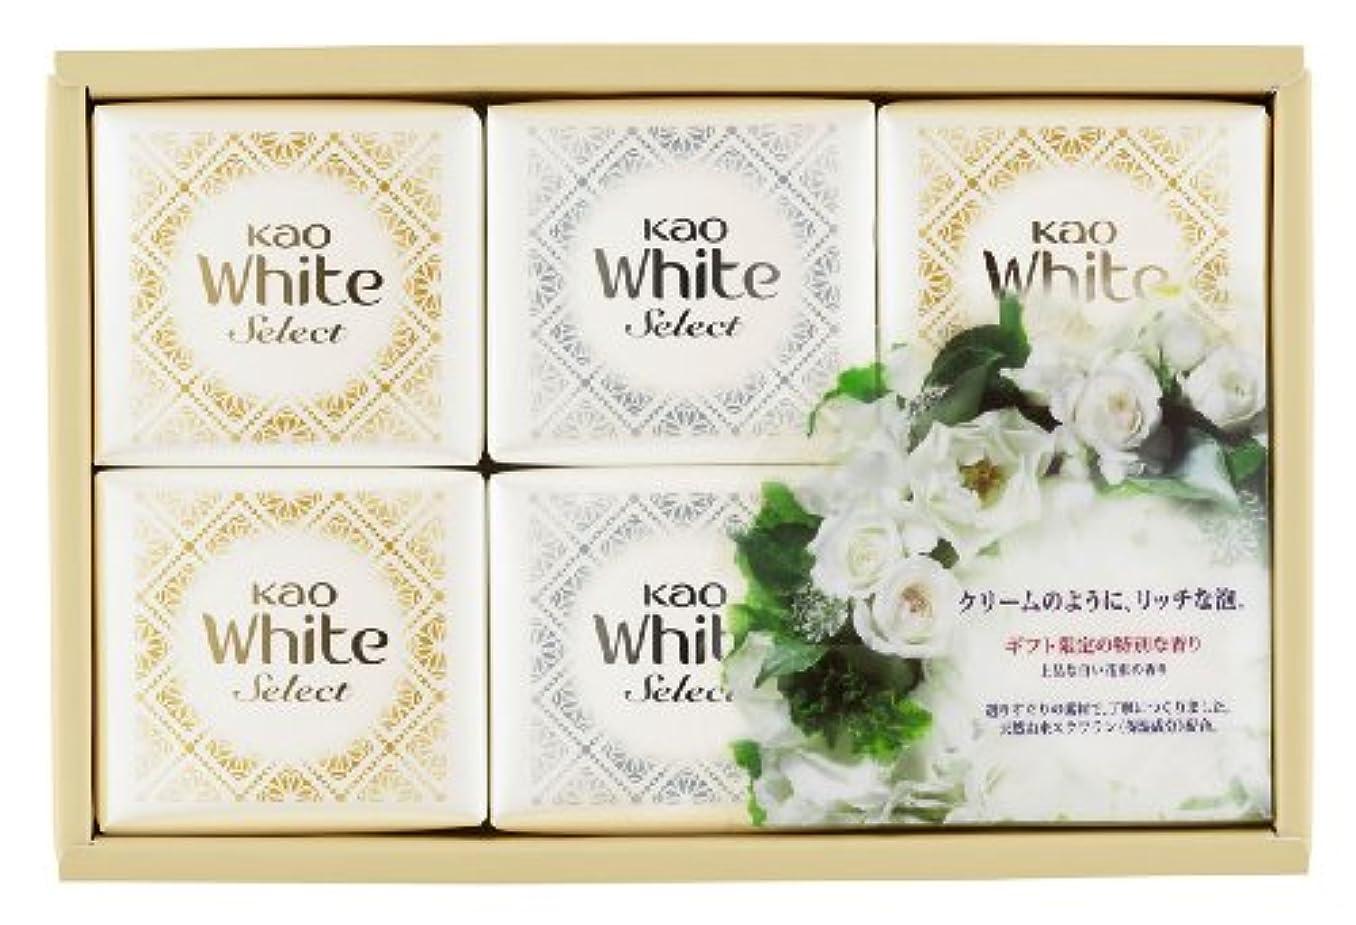 適切なに勝る法律花王ホワイト セレクト 上品な白い花束の香り 固形せっけん 6コ (K?WS-10)